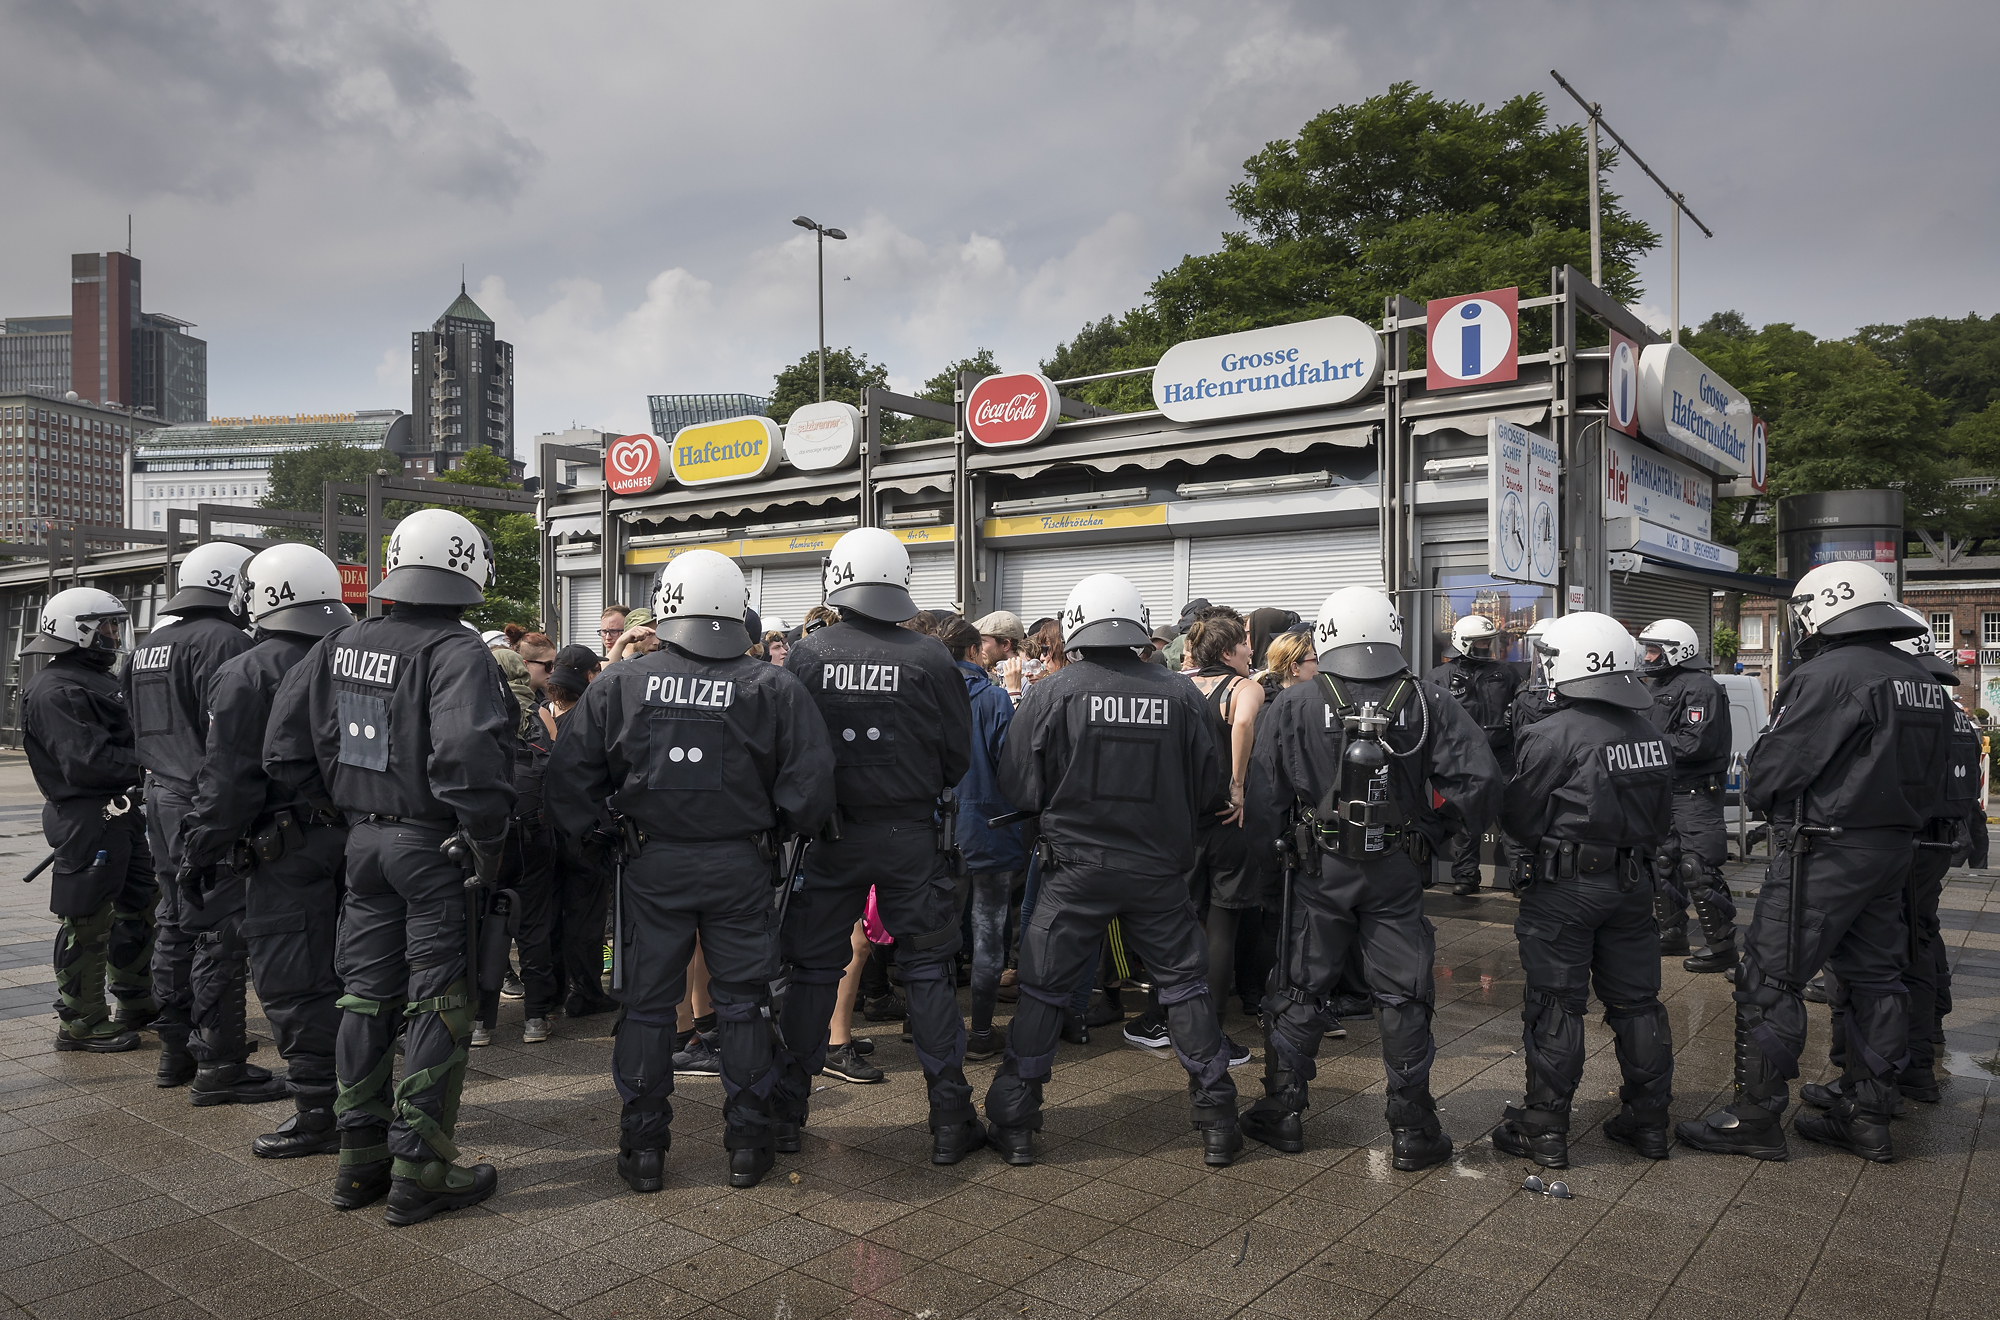 Polizisten kesseln am 07/07/2017 an den Landungsbrücken in Hamburg mehrere Demonstranten. Foto Florian Schuh